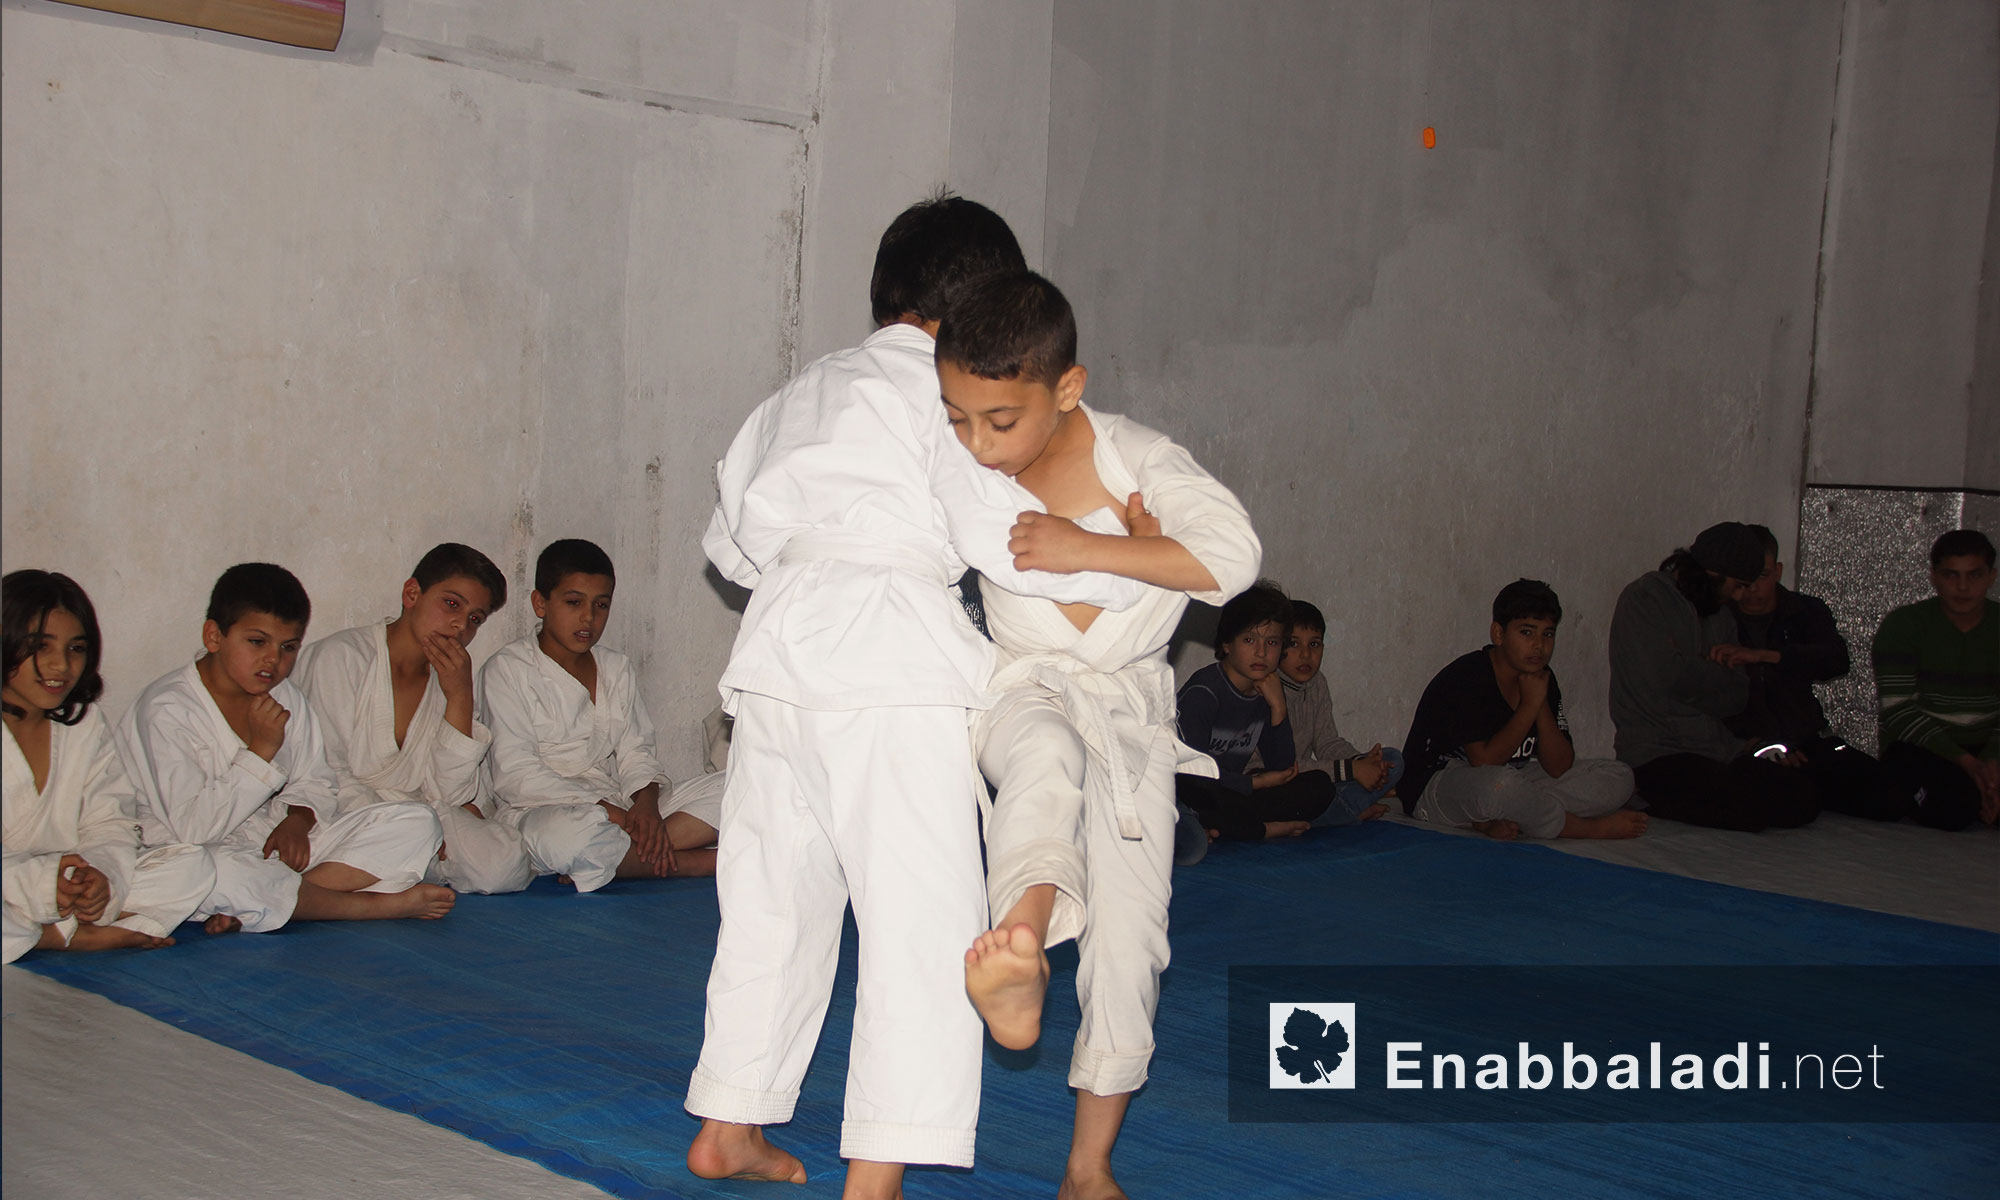 فحص المتدربين بالمستوى الأول للحزام الأصفر في نادي الجودو بمدينة إدلب 13 تشرين الثاني 2017 (عنب بلدي)